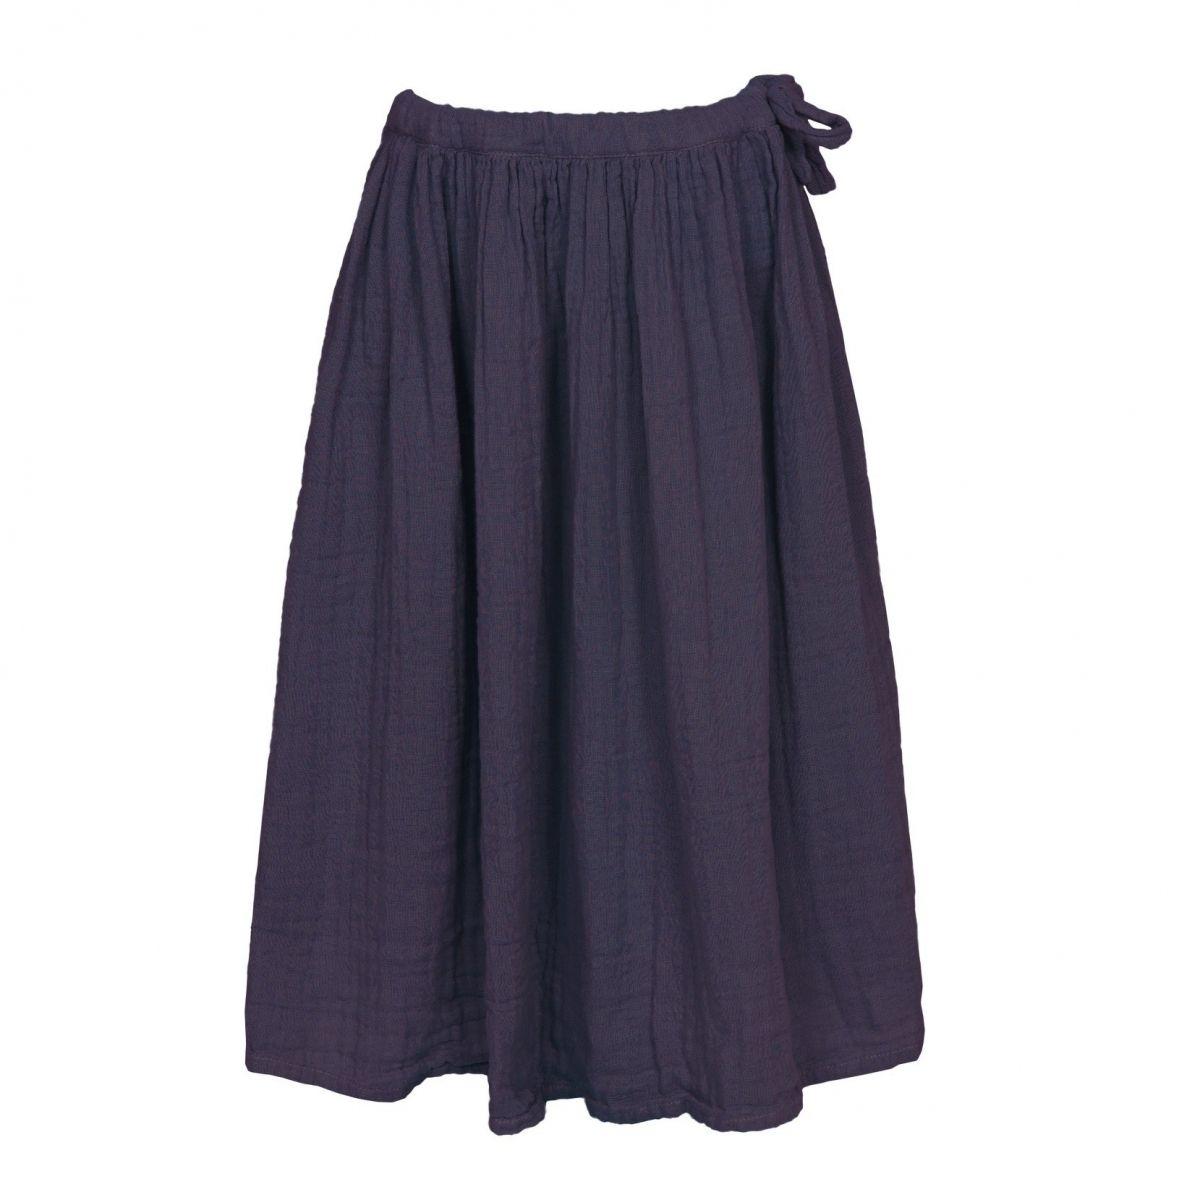 Skirt for girls Ava long sweet aubergine - Numero 74